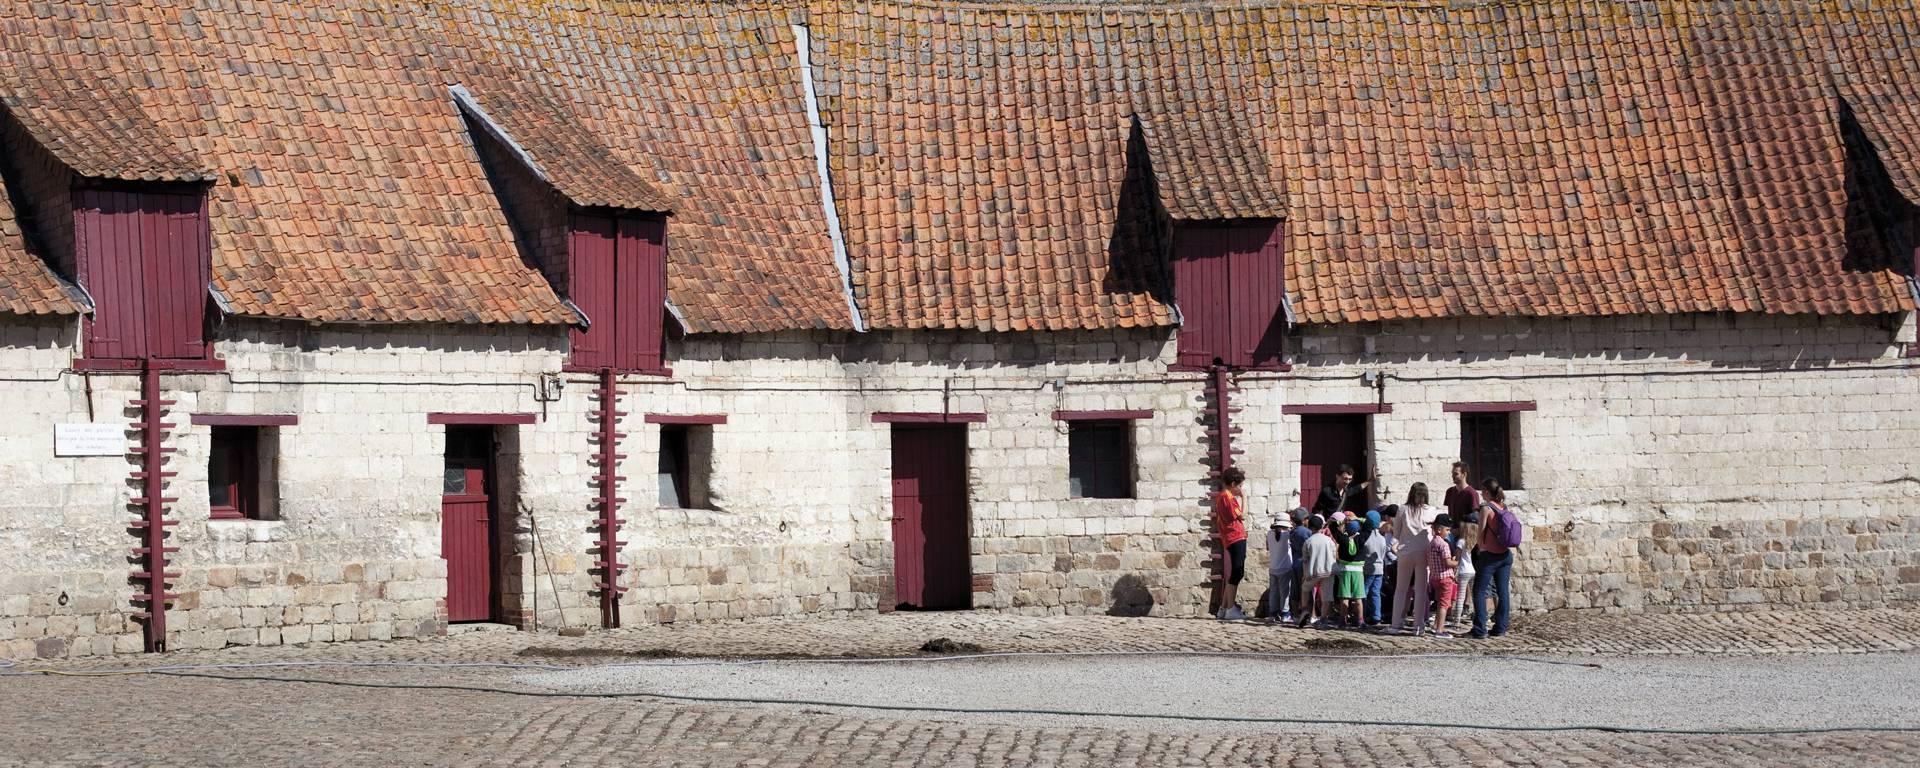 Dans la basse-cour du Château d'Olhain - Fresnicourt-Le-Dolmen © Brigitte Baudesson